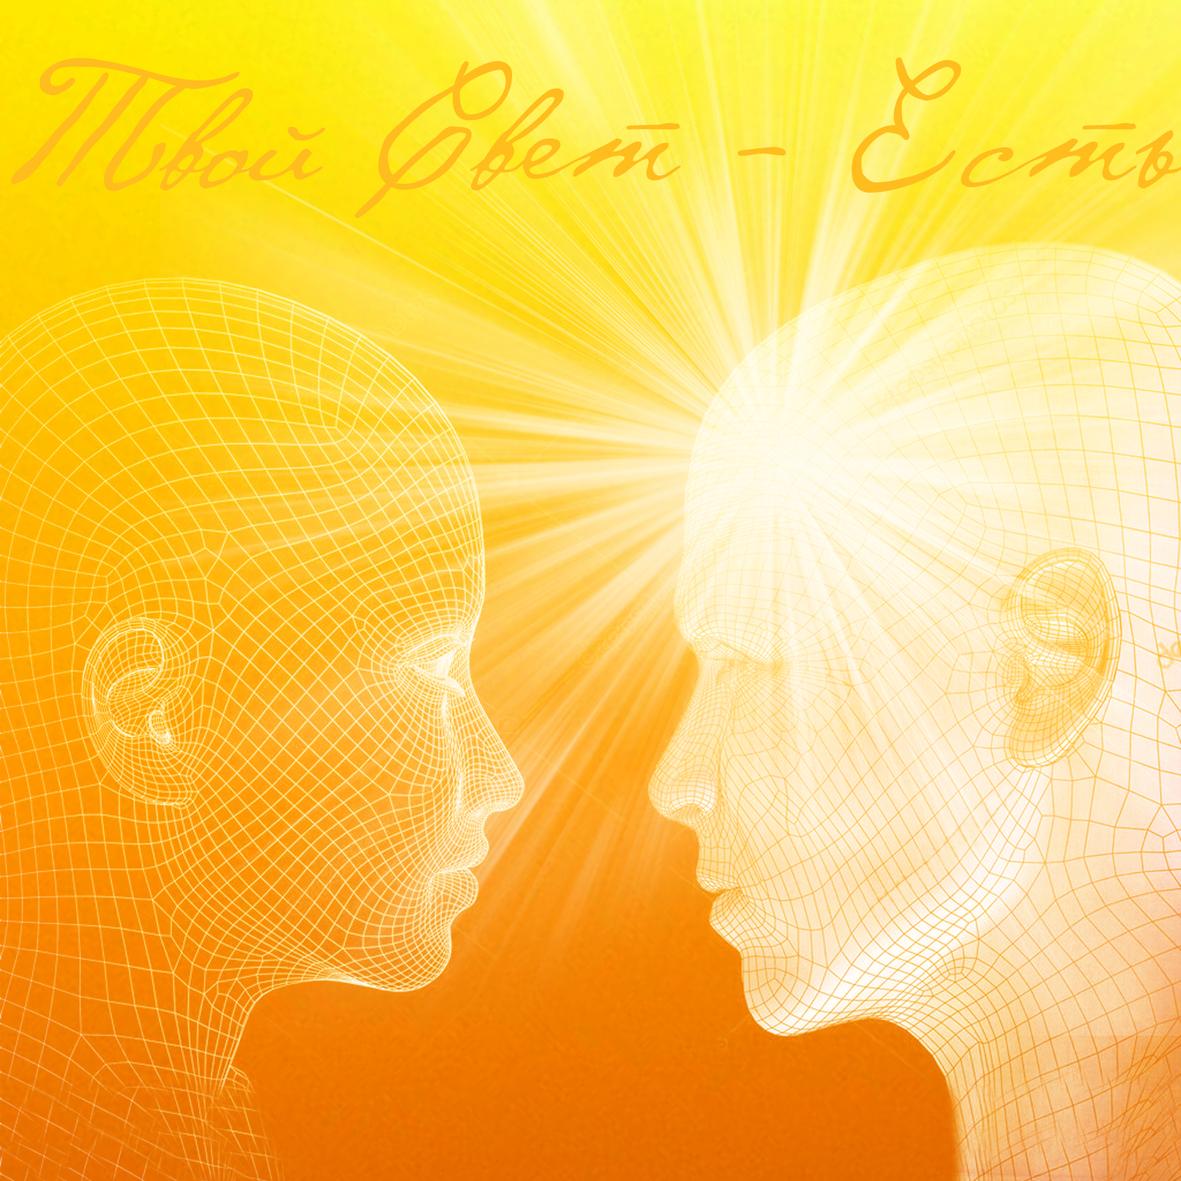 Нужны привлекательные иллюстрации к практике ТриНити фото f_3245b50adce16959.jpg